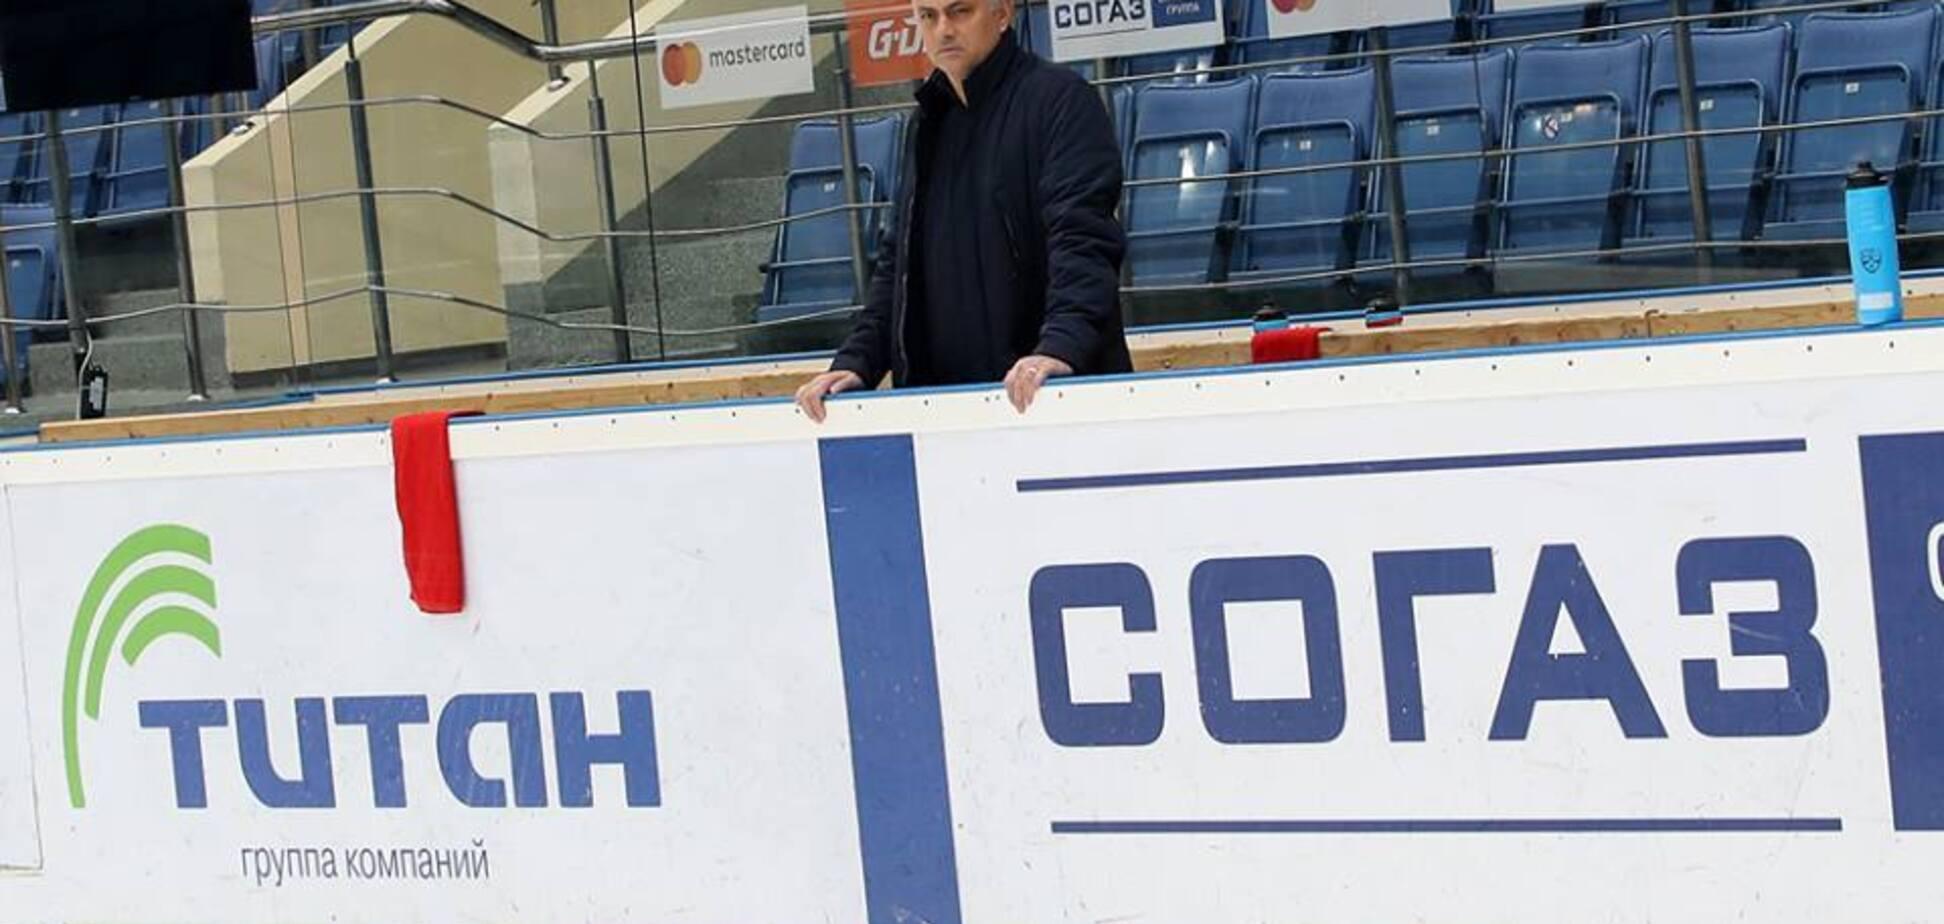 Моуриньо продался россиянам, найдя неожиданную работу в Балашихе - фотофакт